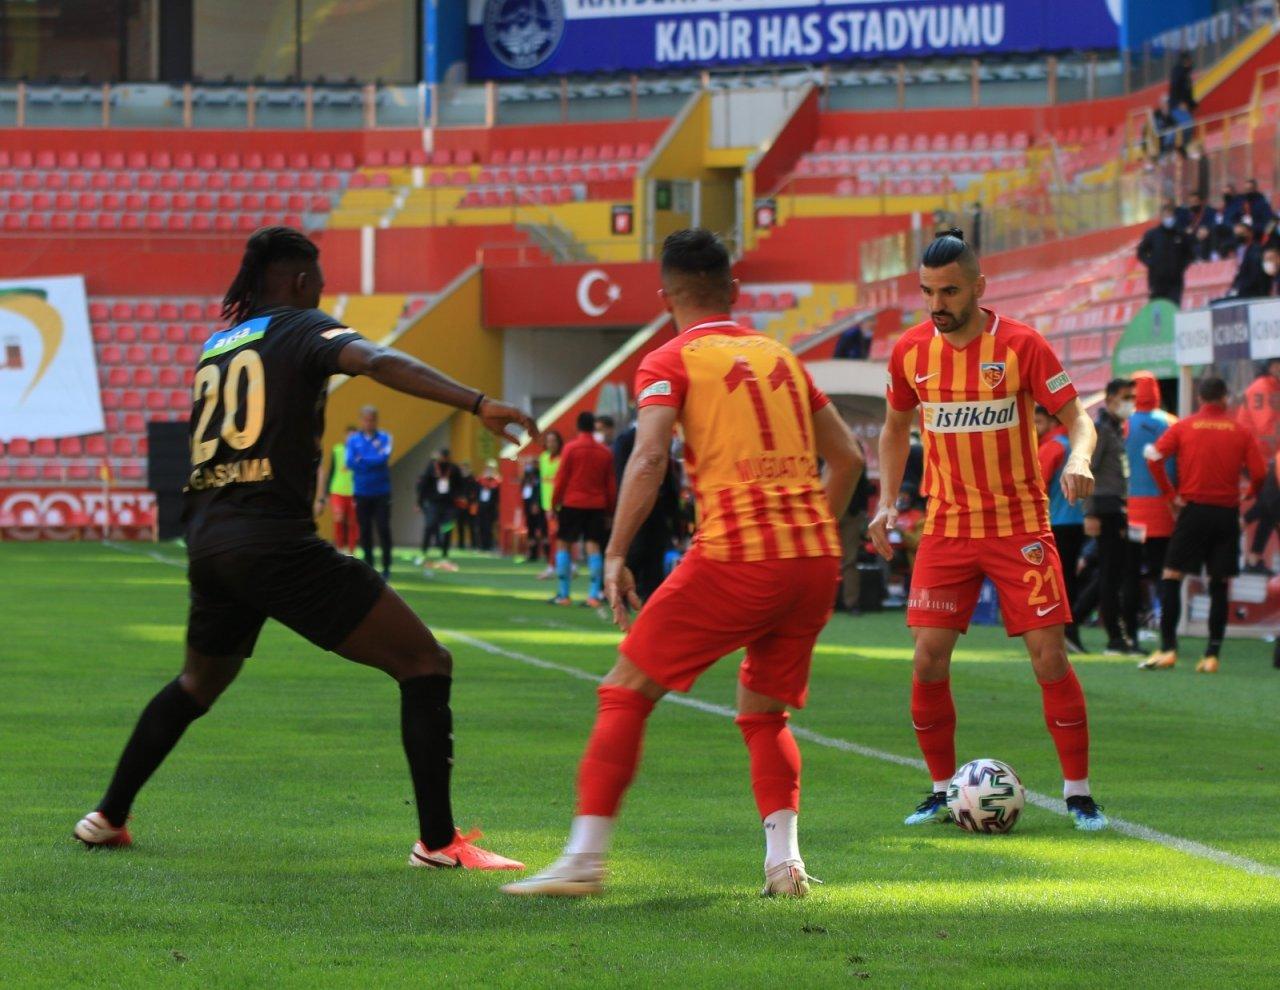 Süper Lig: Kayserispor: 1 - Göztepe: 1 (maç Sonucu)